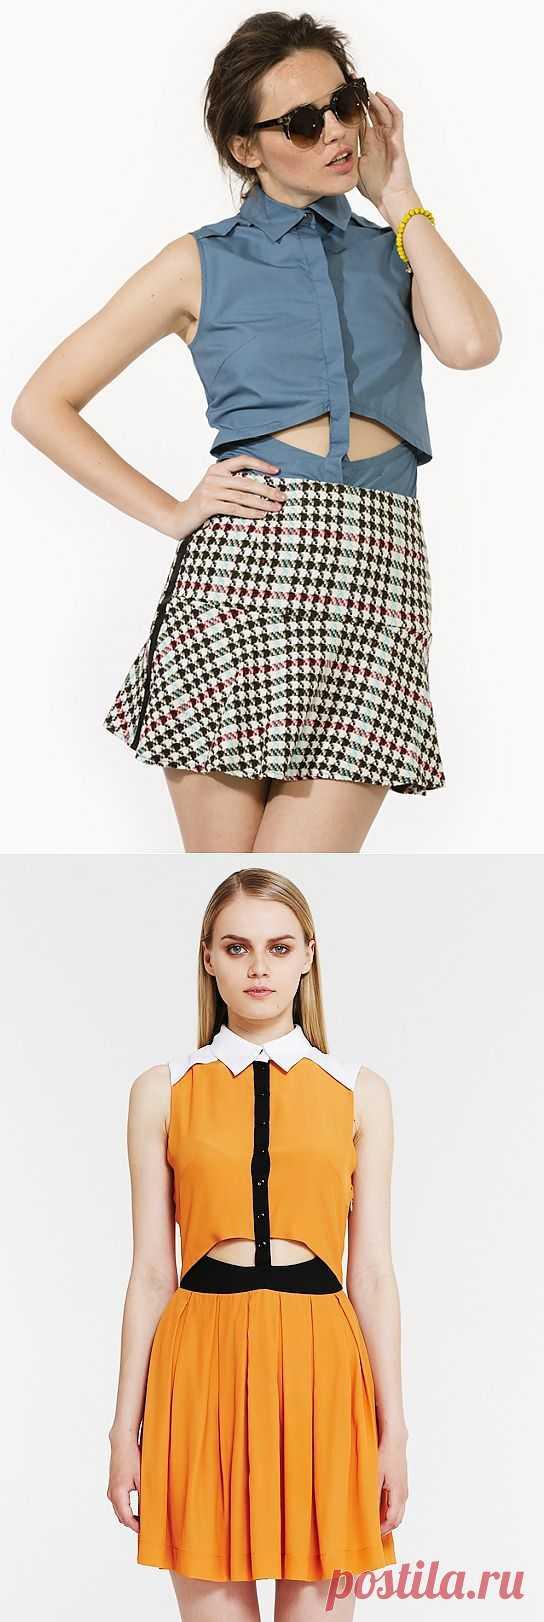 Жилет и платье I am / Дизайнеры / Модный сайт о стильной переделке одежды и интерьера